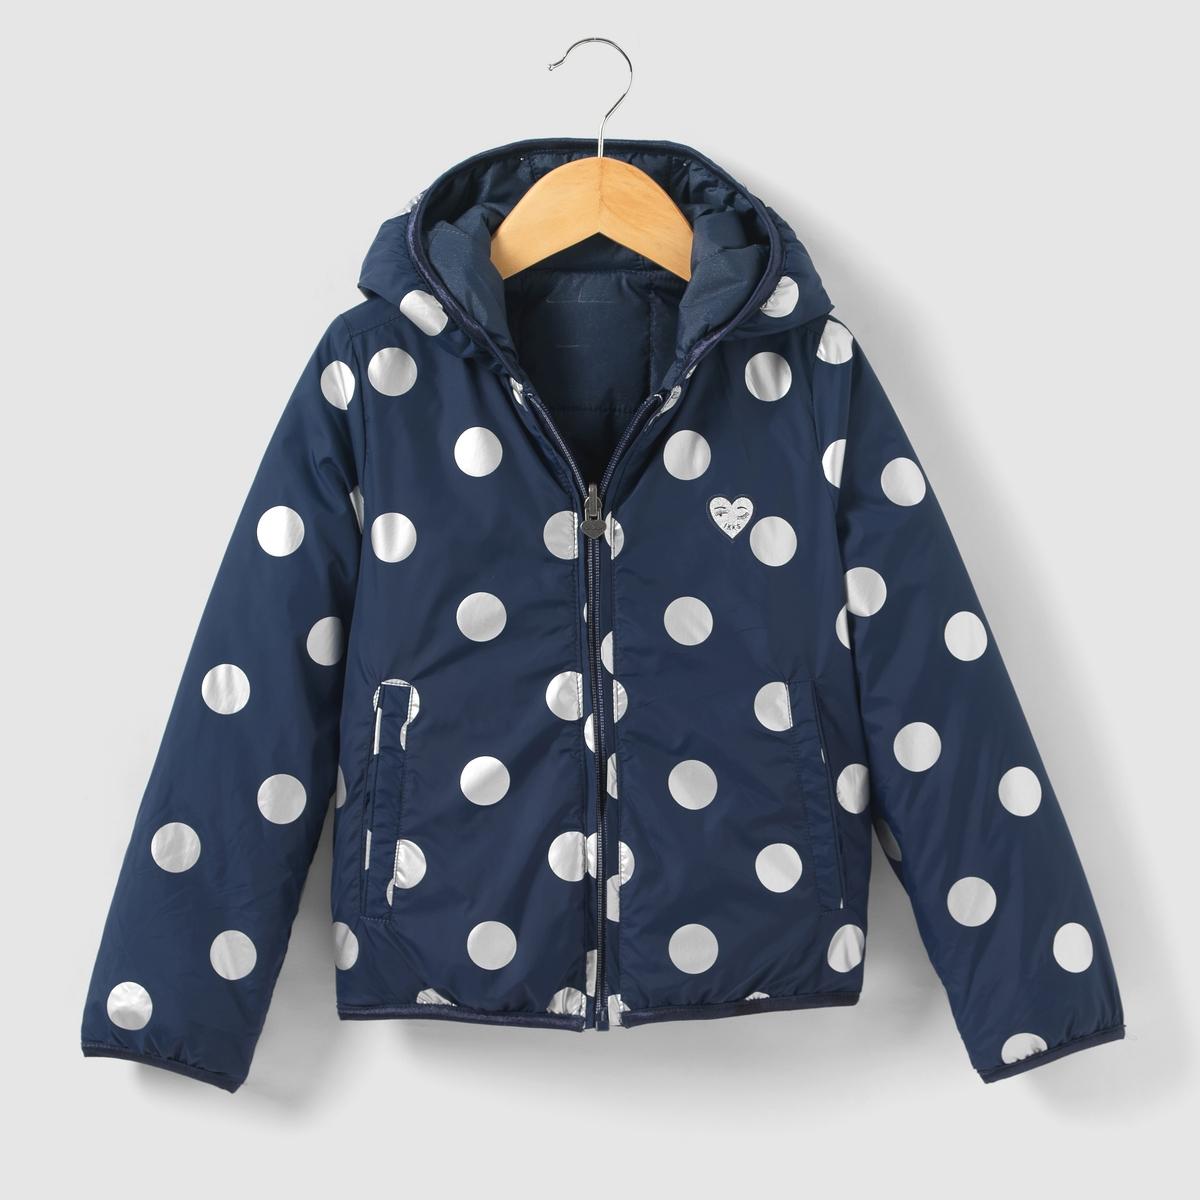 Куртка стеганая двухсторонняя с капюшоном 3-14 лет